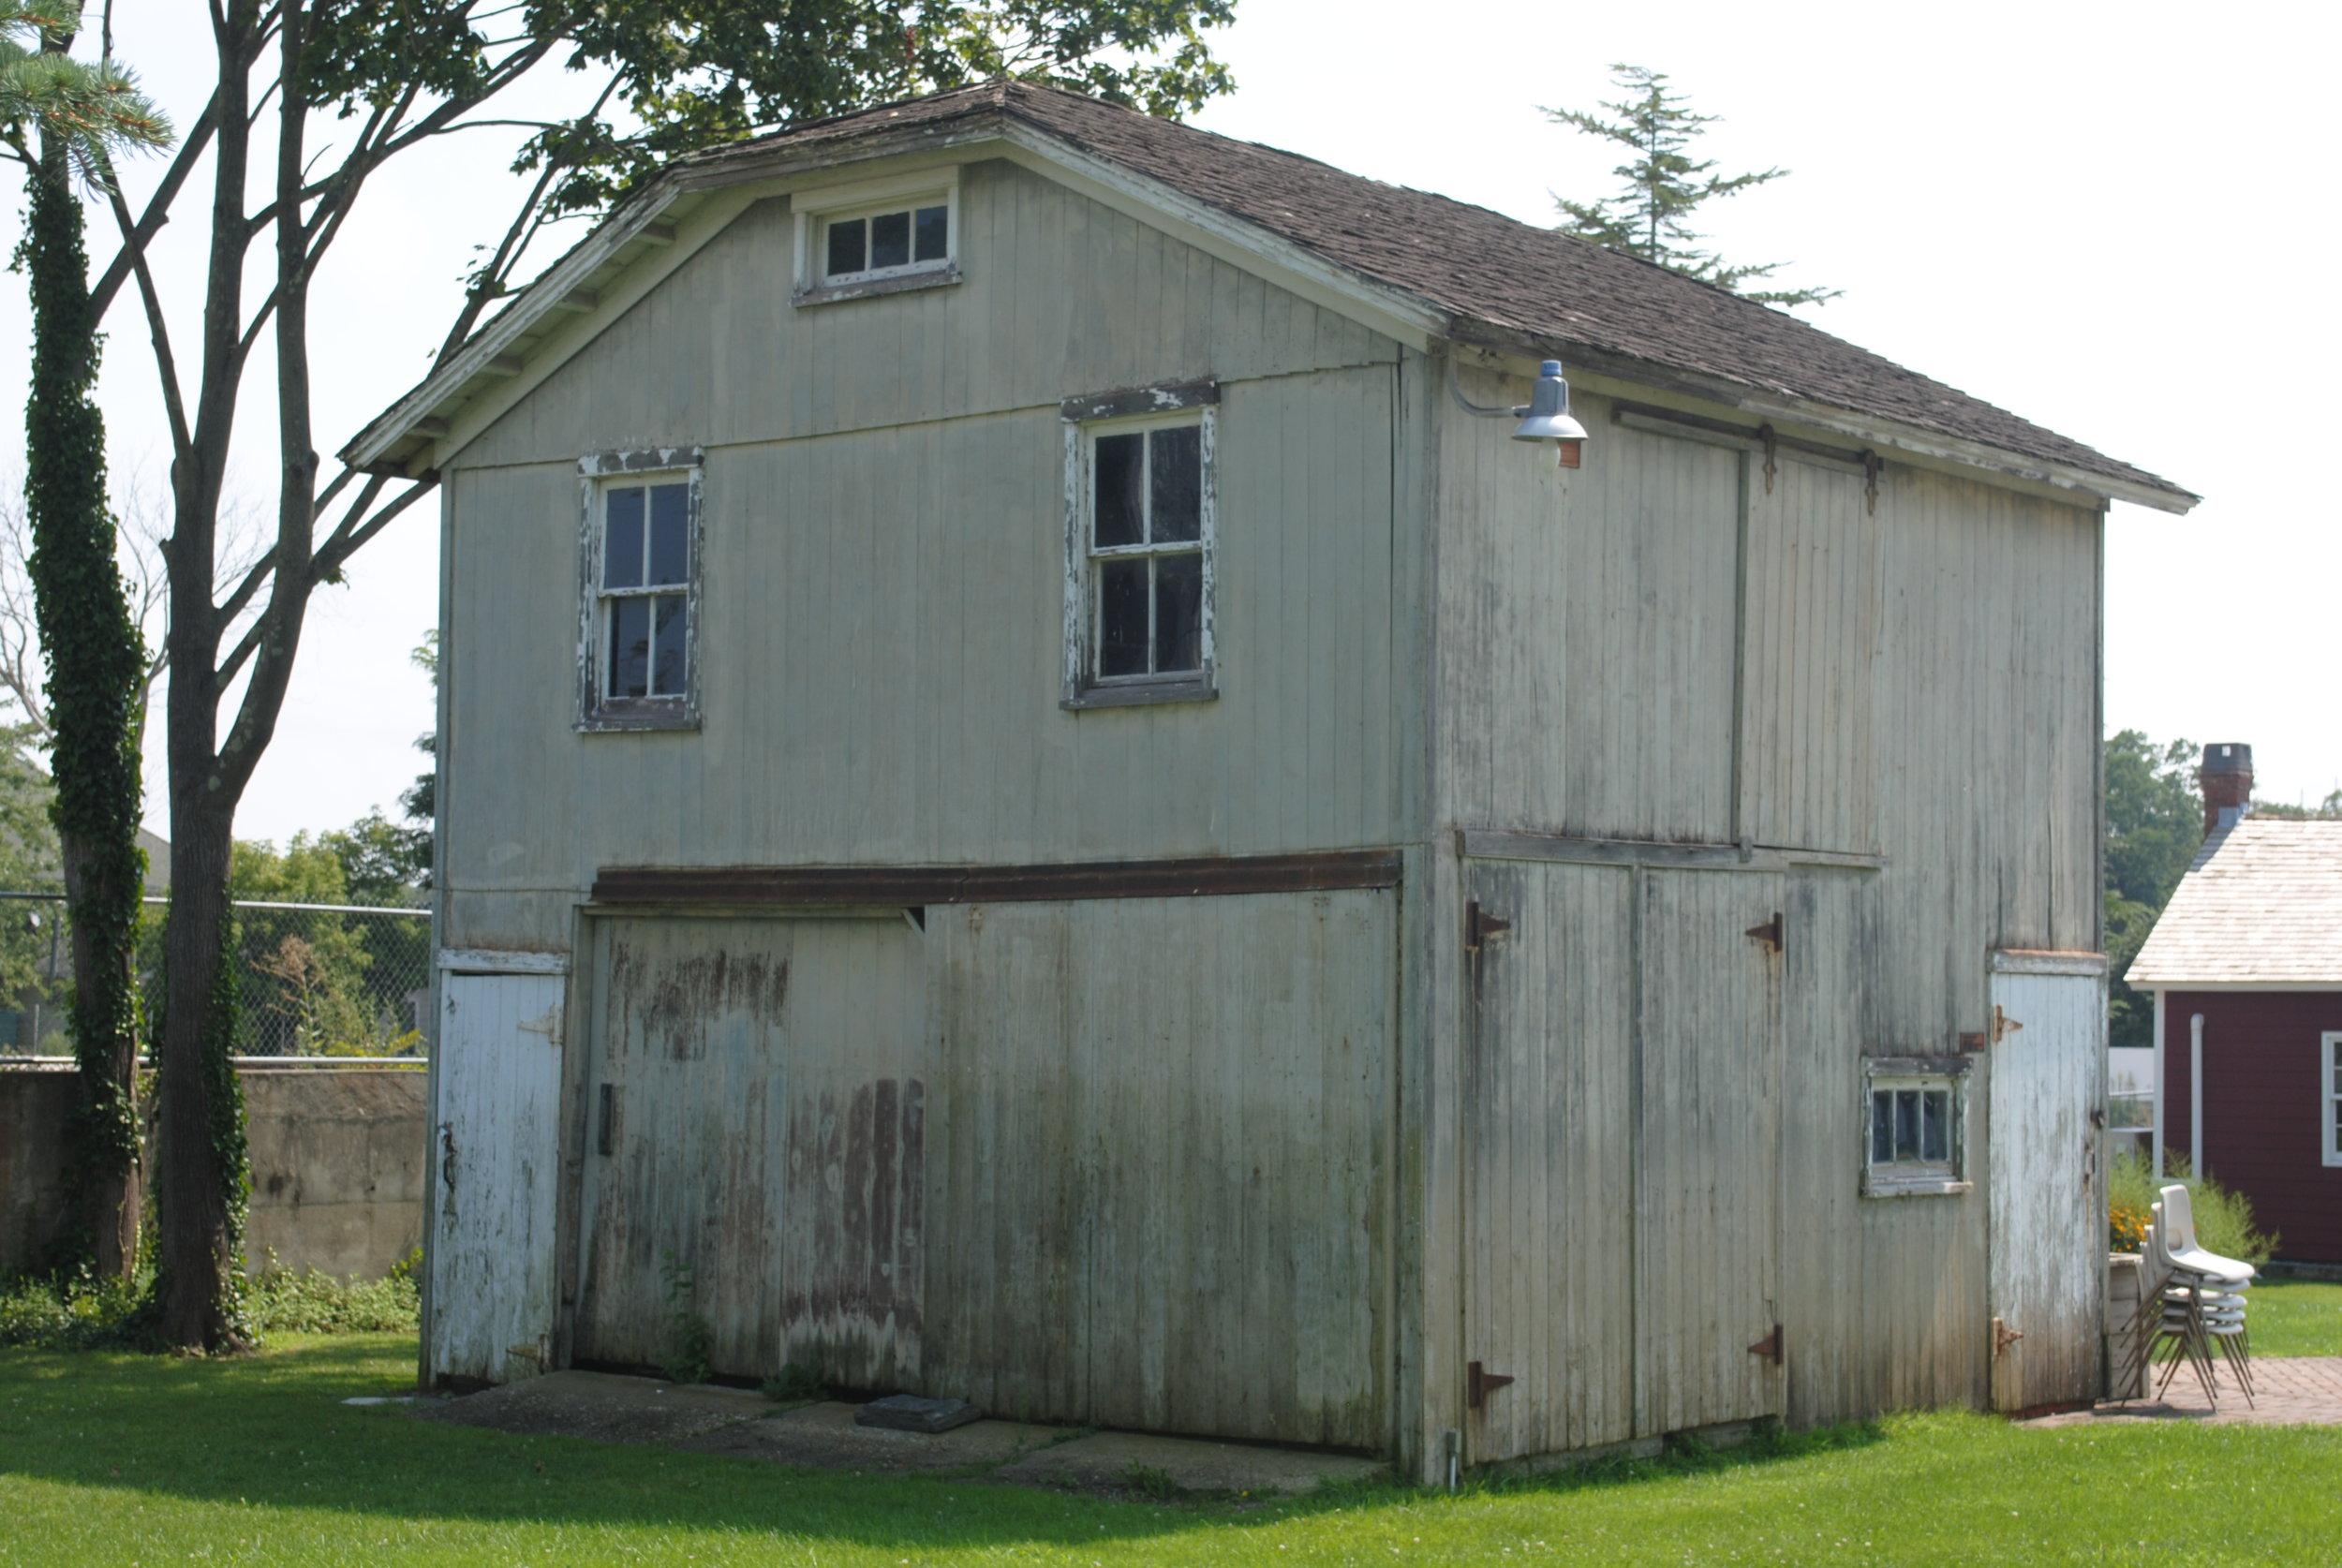 Town of Riverhead, The Benjamin Barn